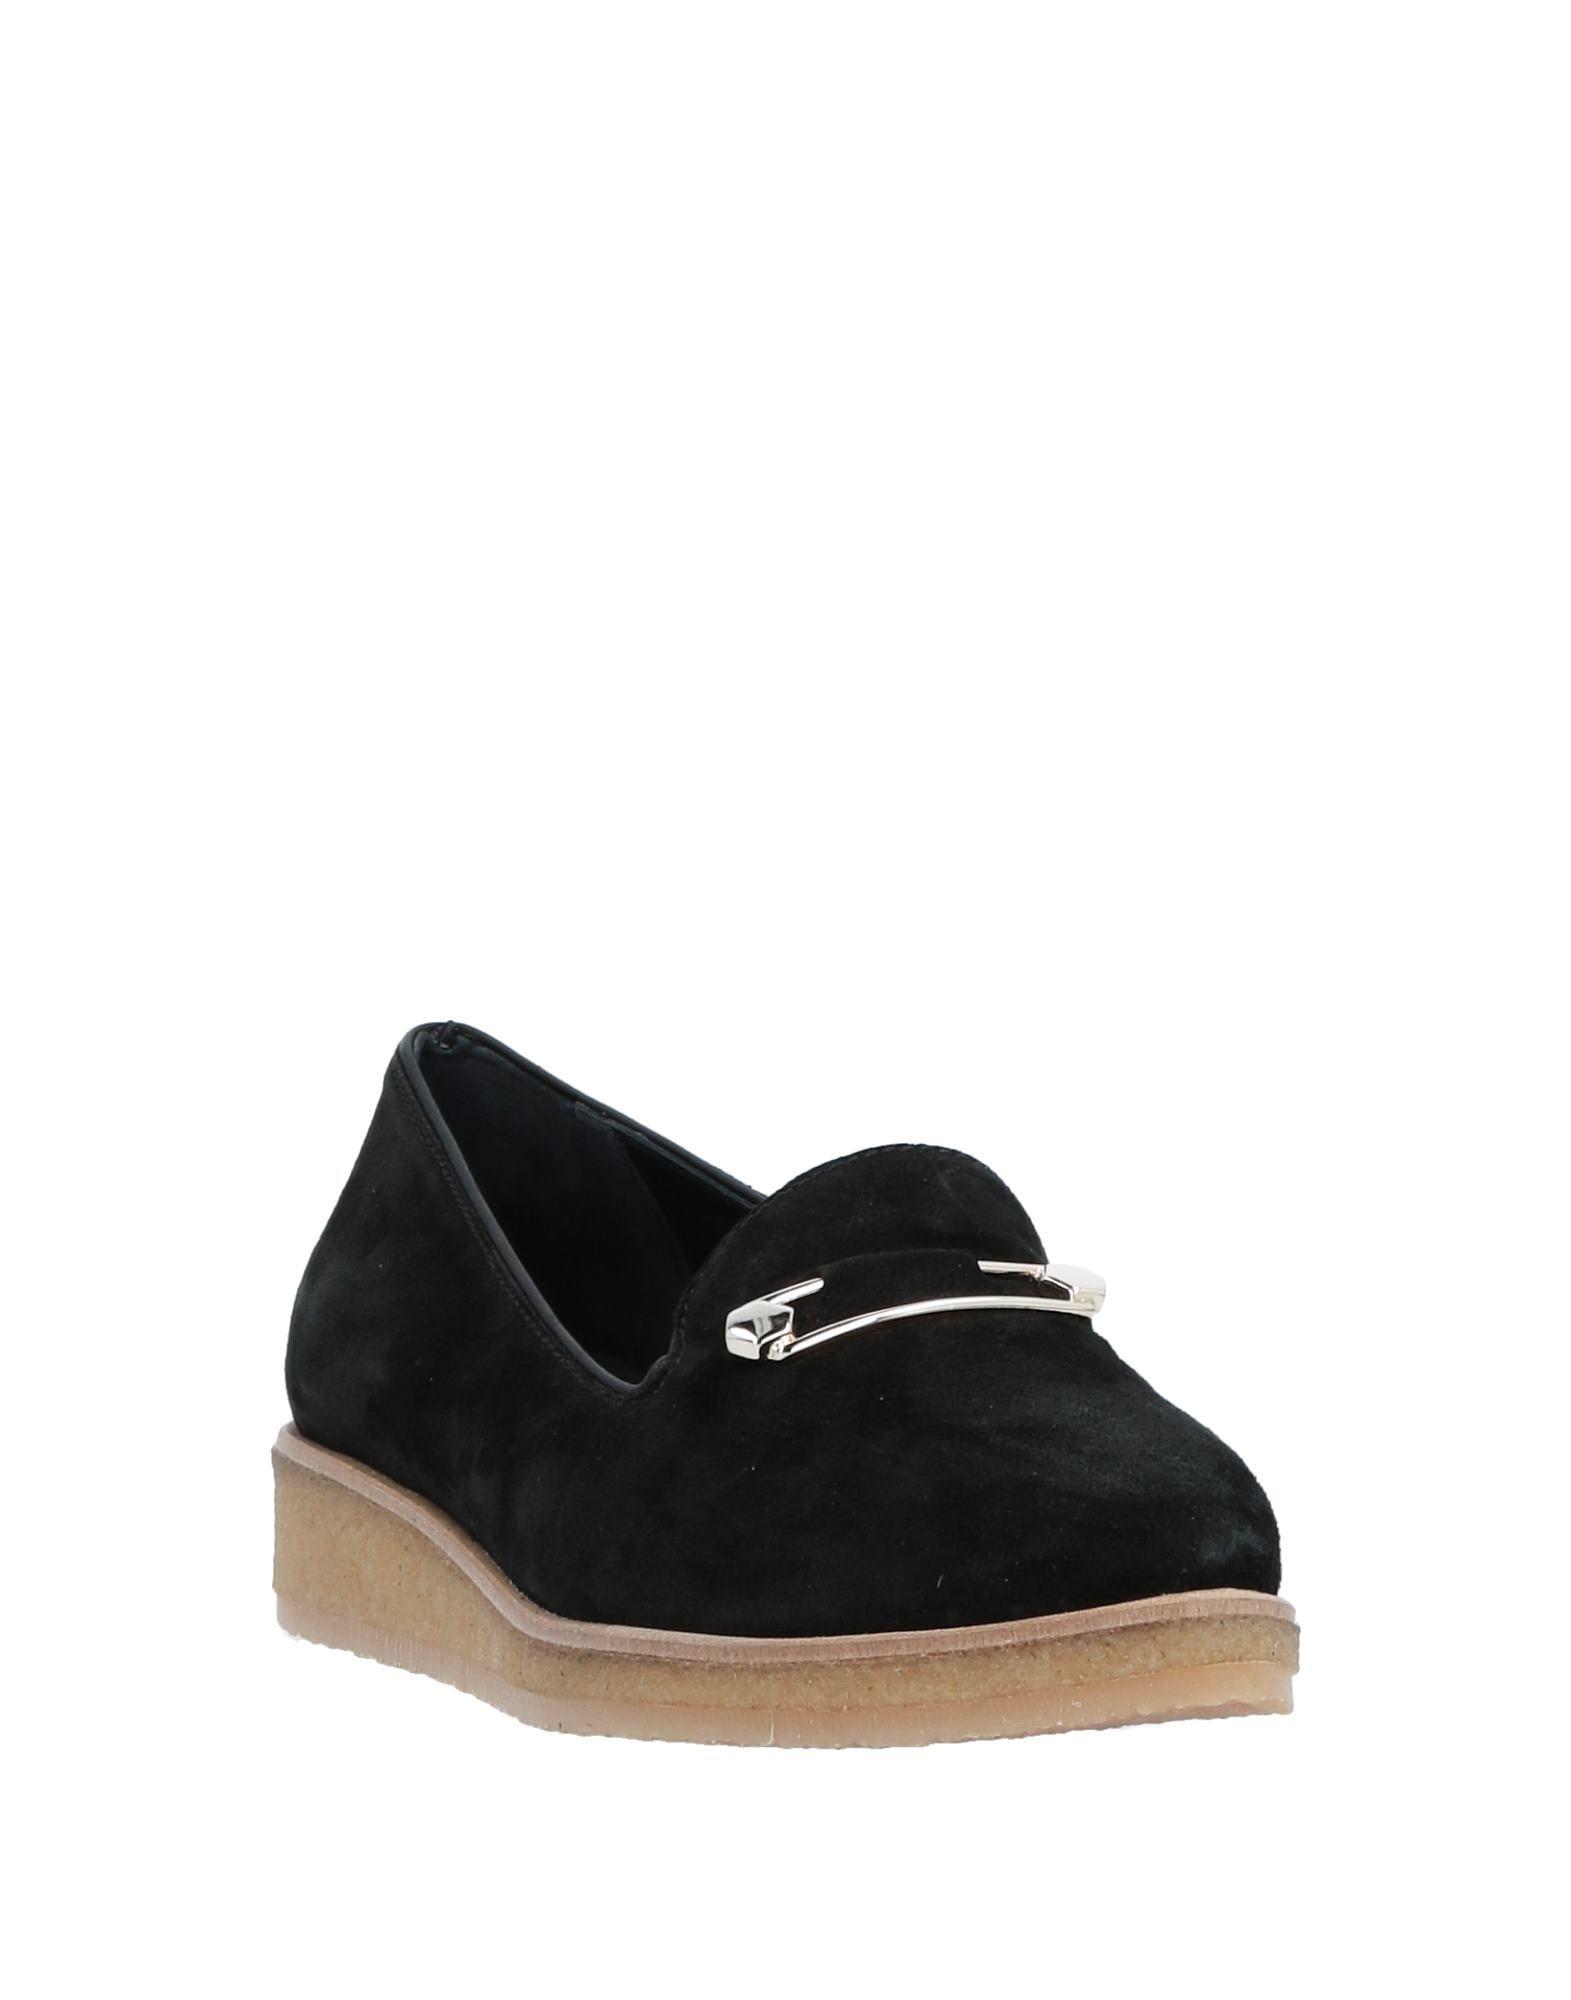 Gaimo Mokassins Damen beliebte  11517145UB Gute Qualität beliebte Damen Schuhe 8173fc